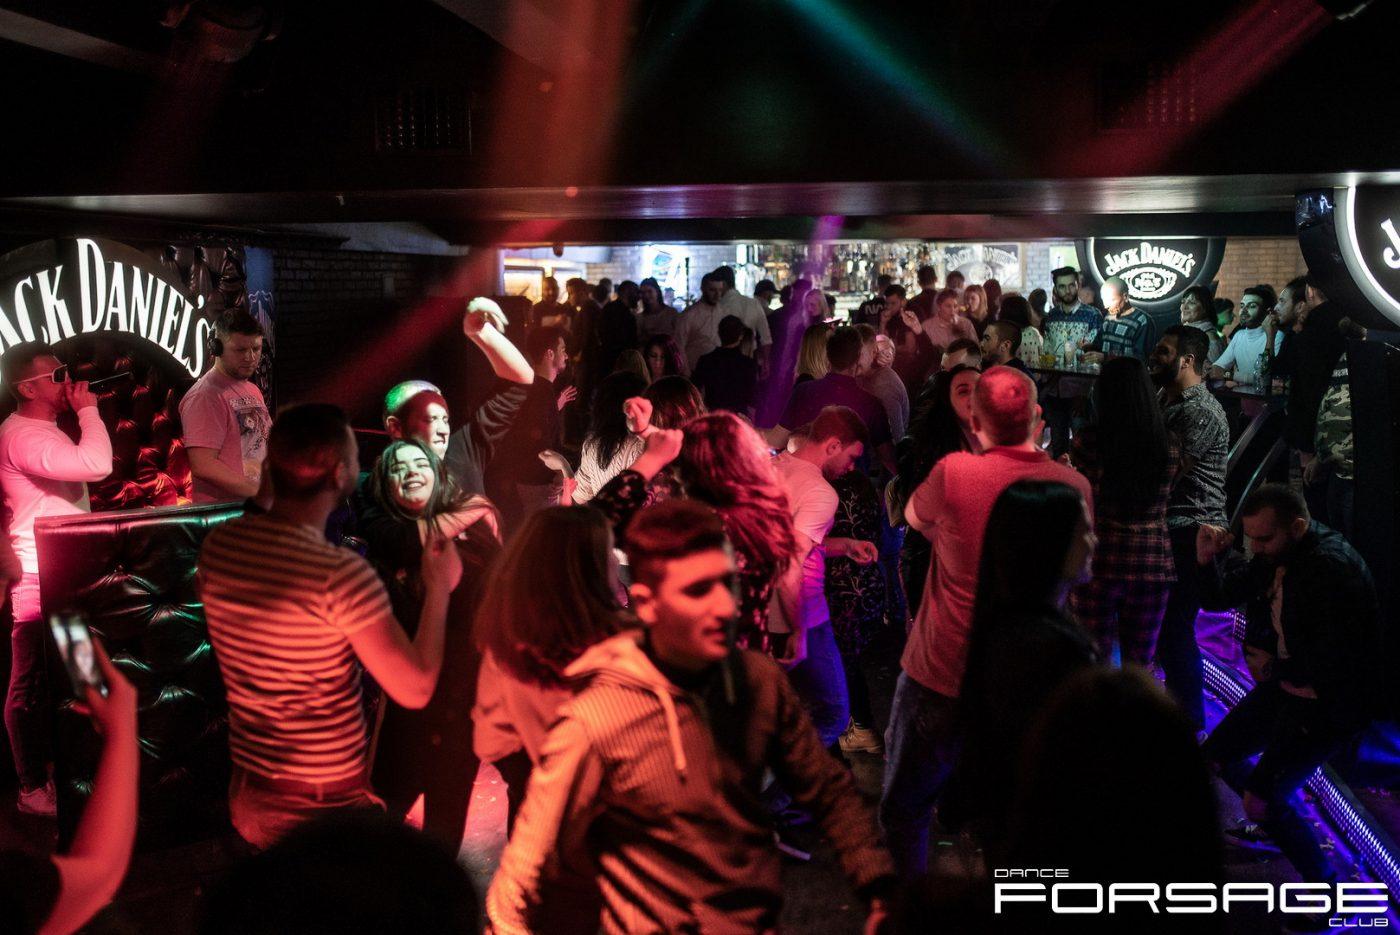 Клубы фото из клубов ночных секс после стриптиза в клубе